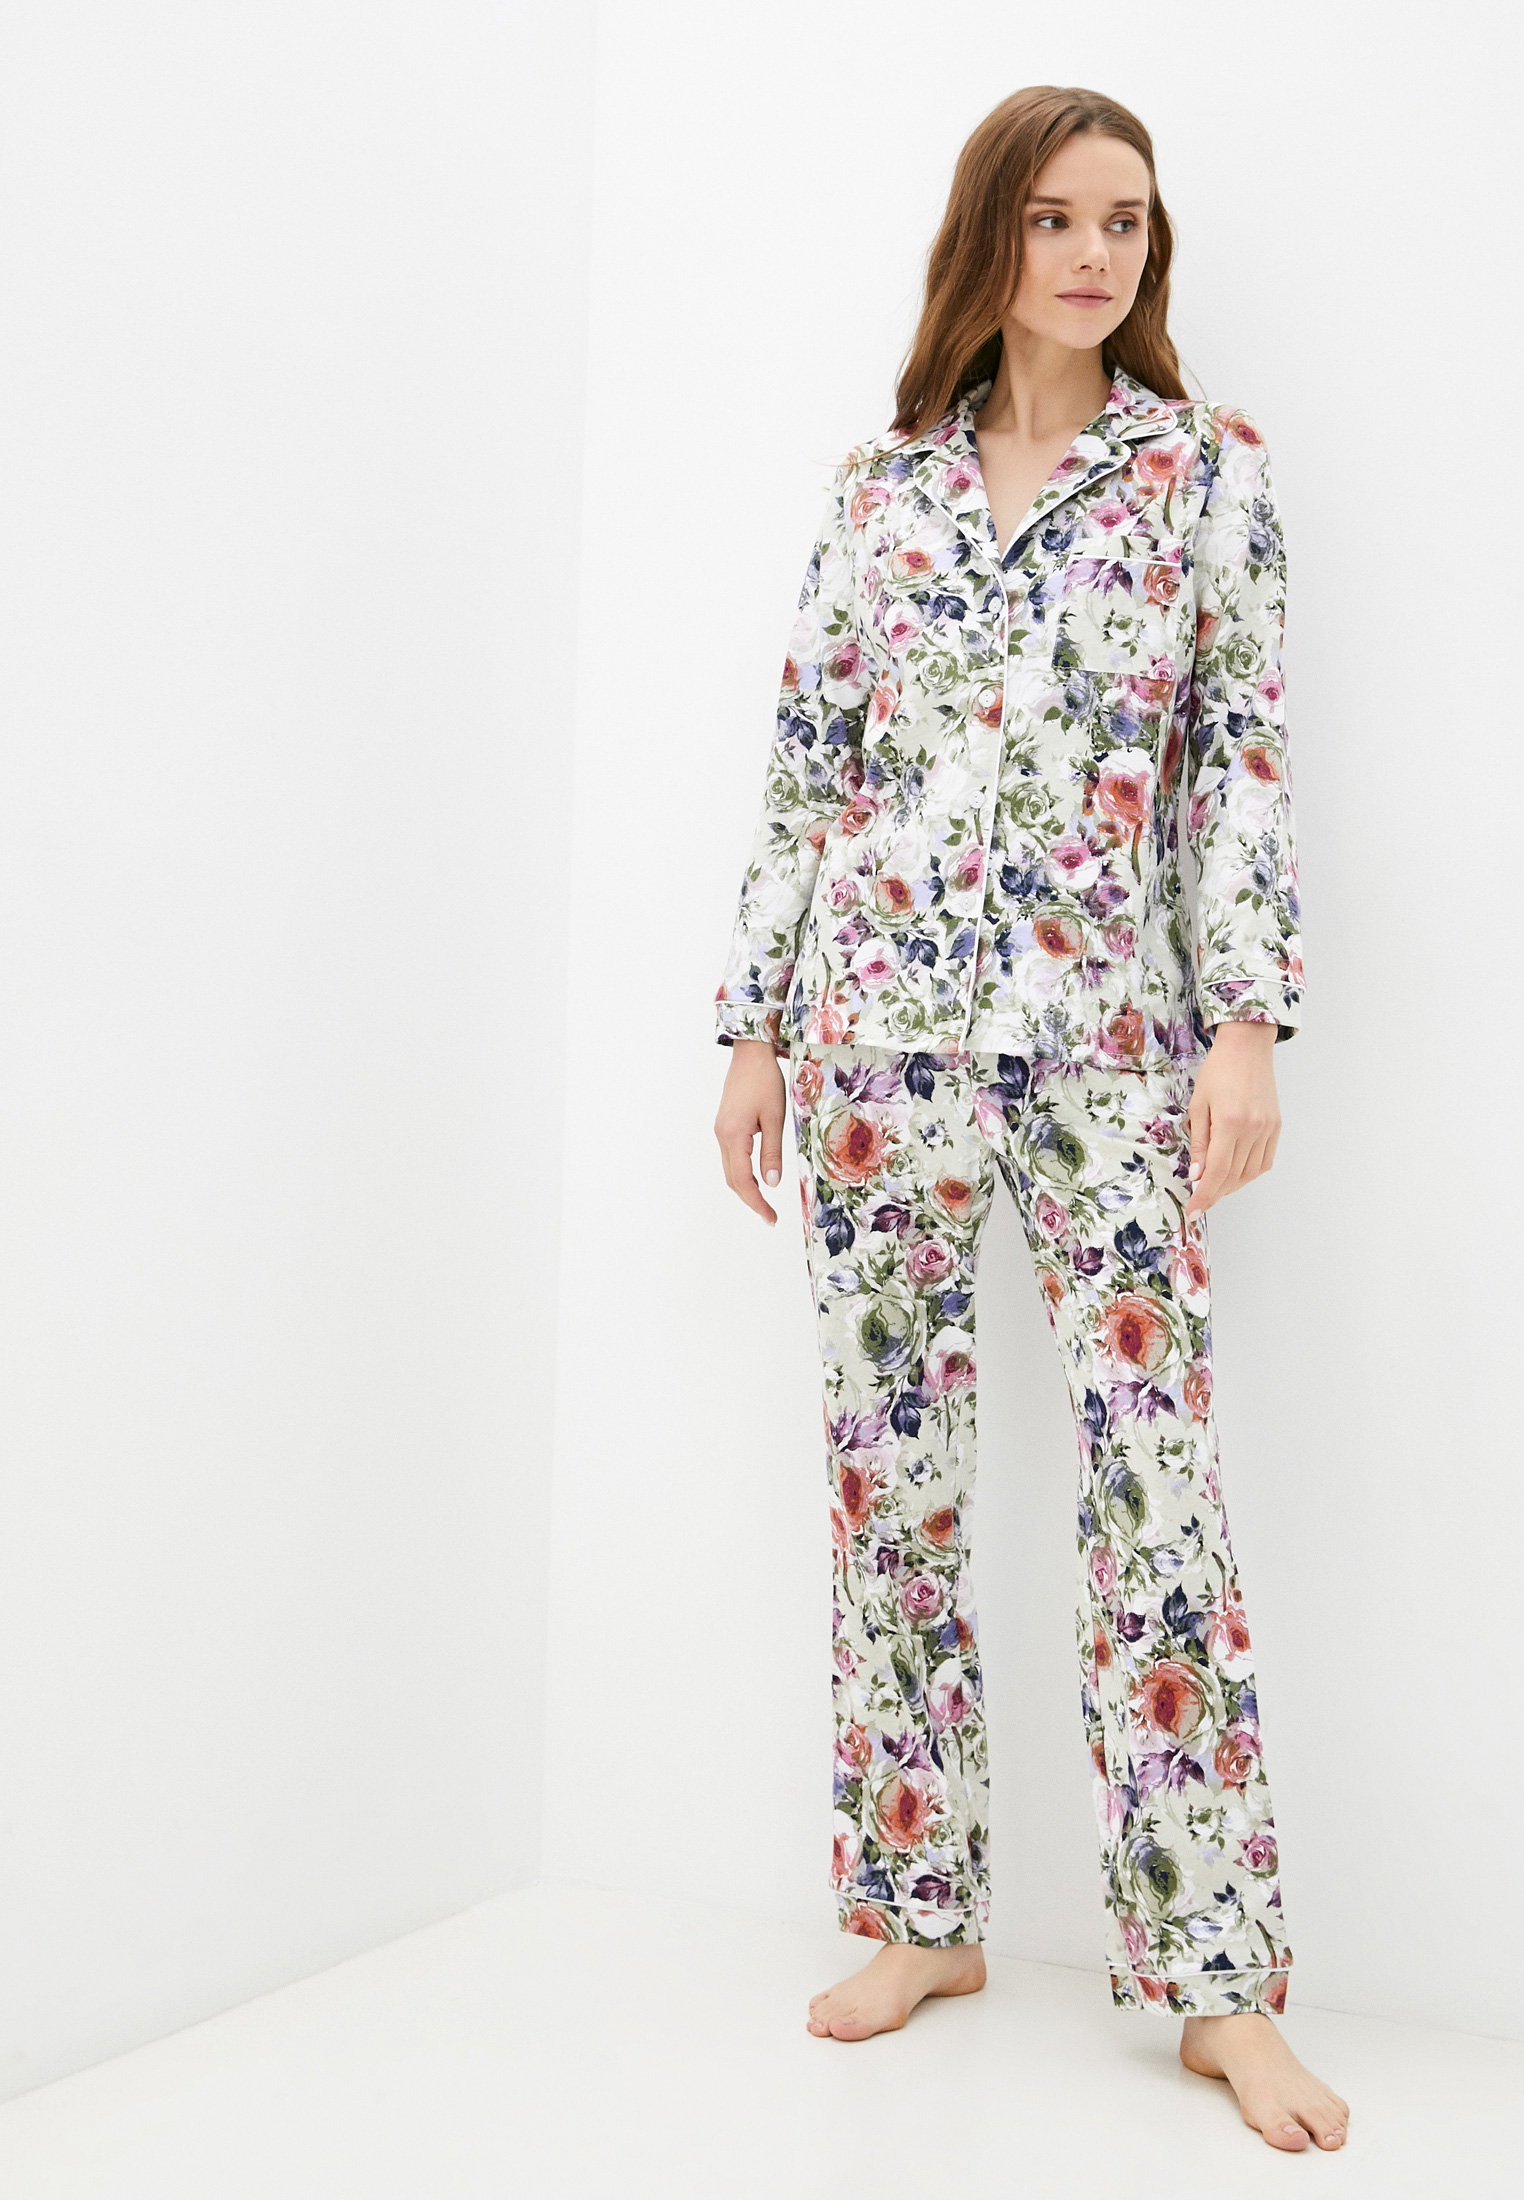 Женское белье и одежда для дома Dansanti ДК616